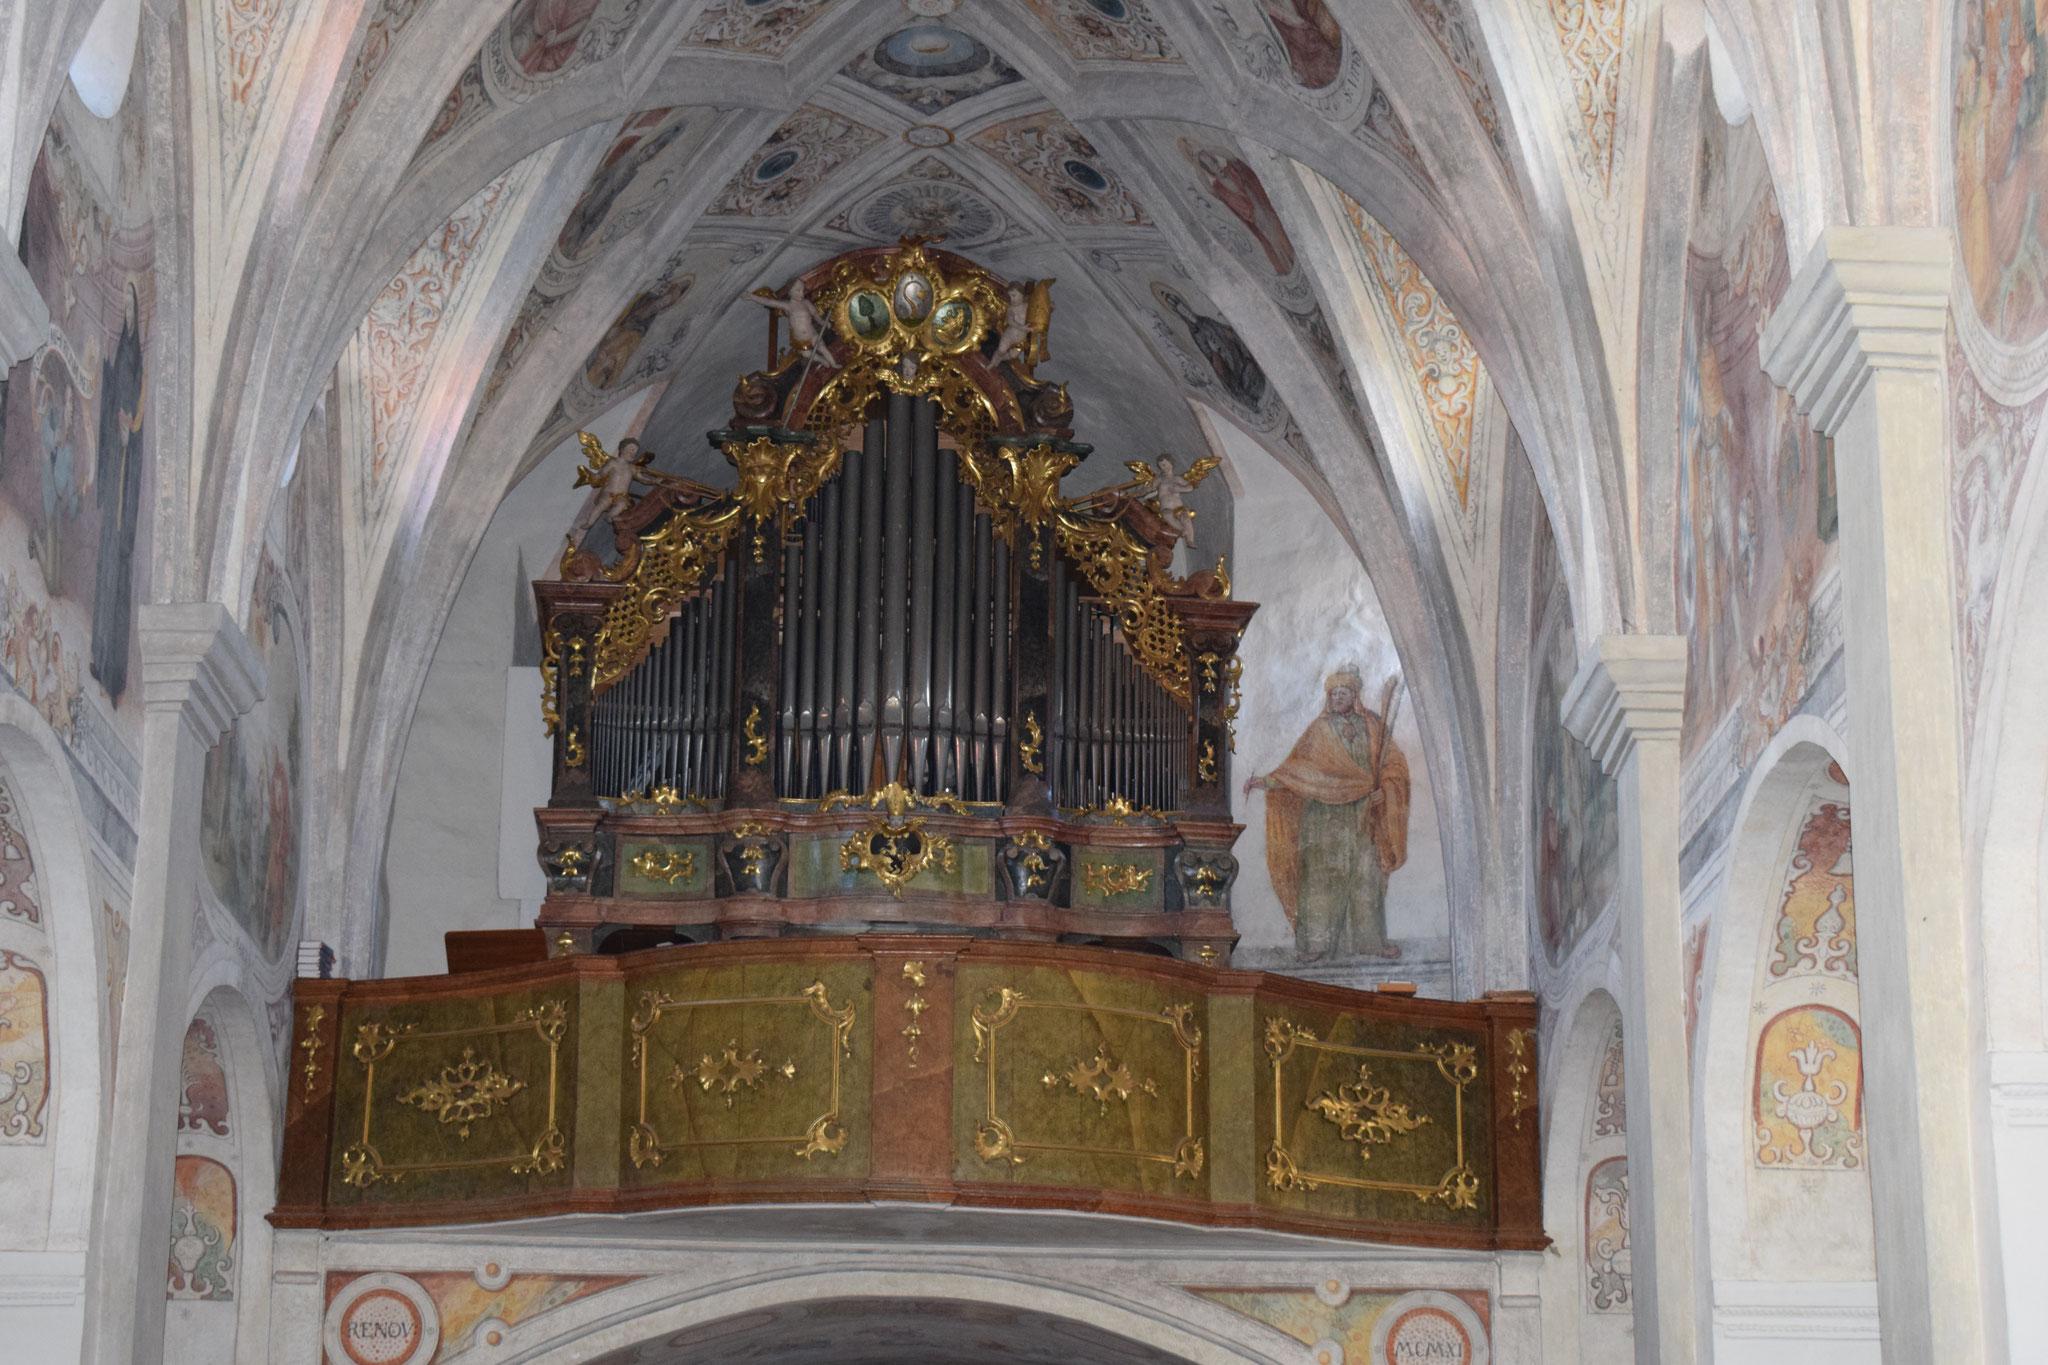 Auf dieser Orgel spielte einst Mozart